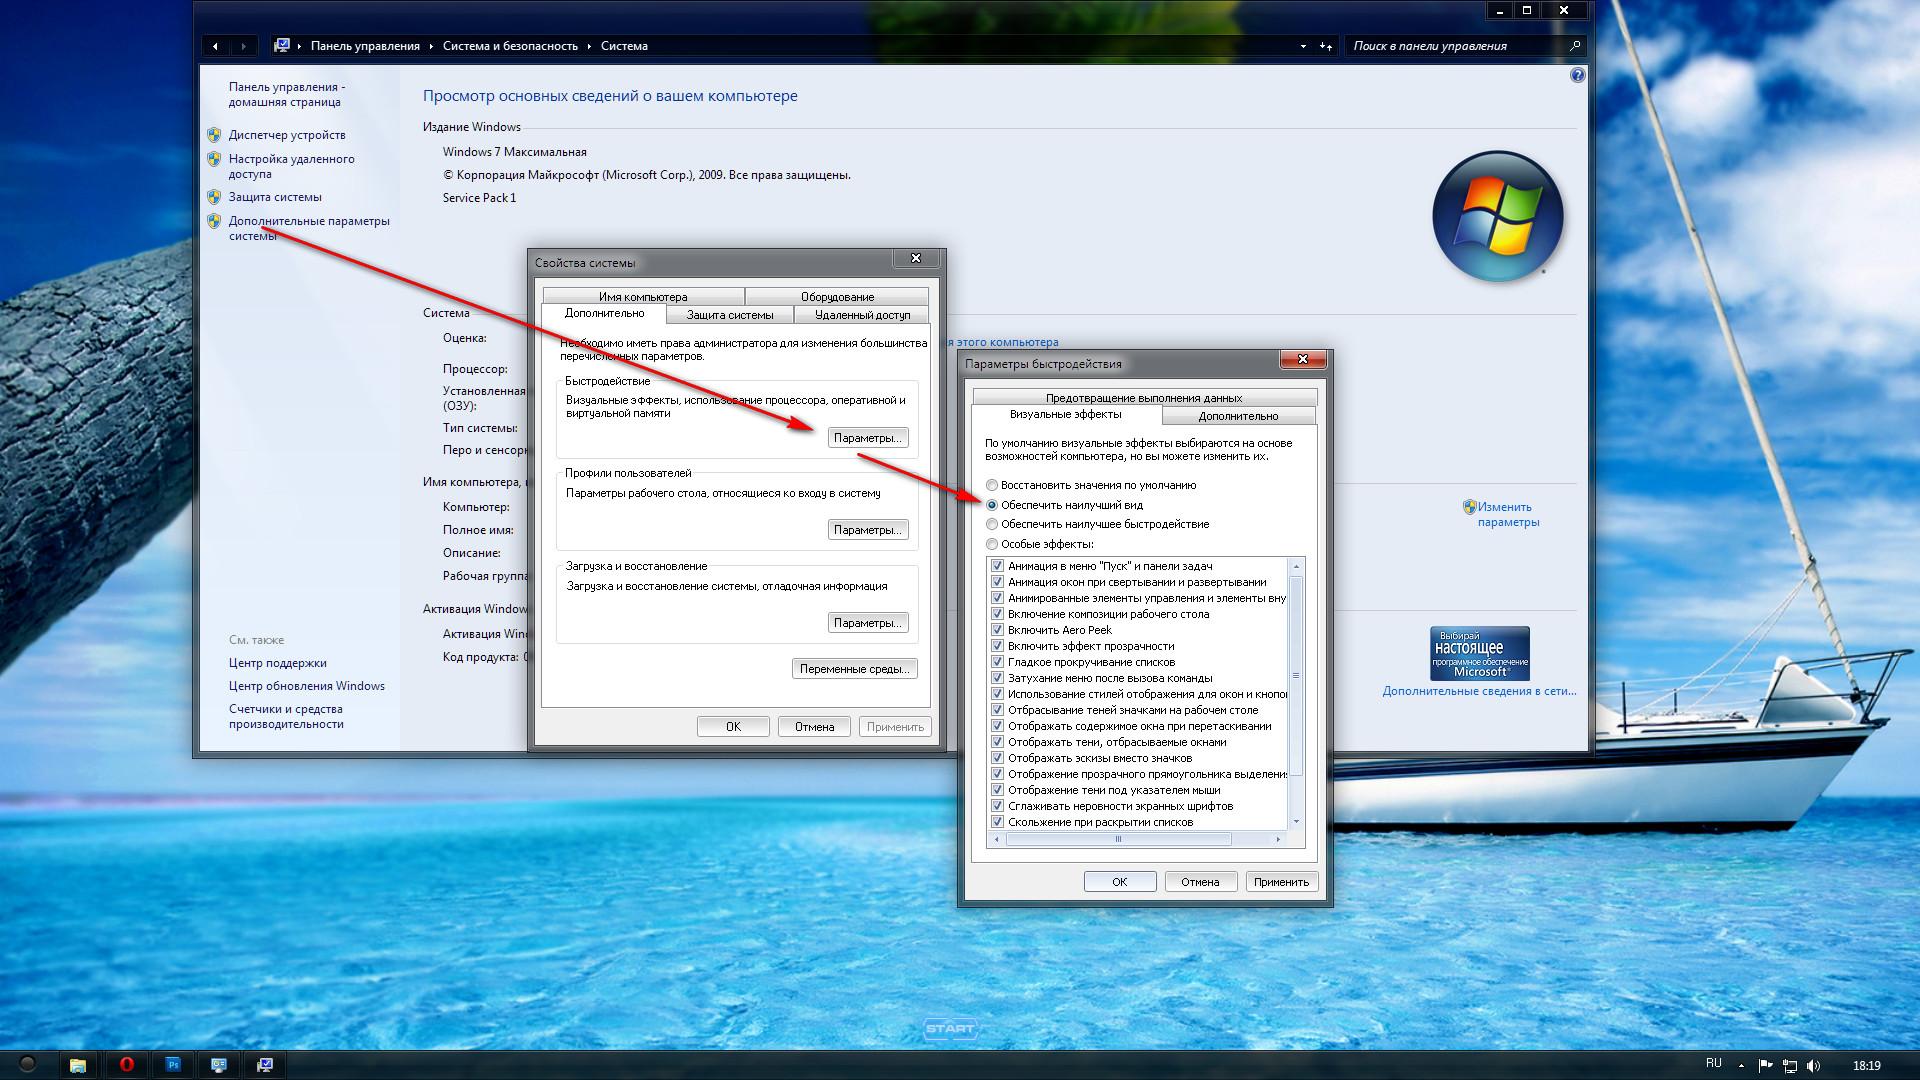 Программа по смене обоев на рабочем столе windows 7